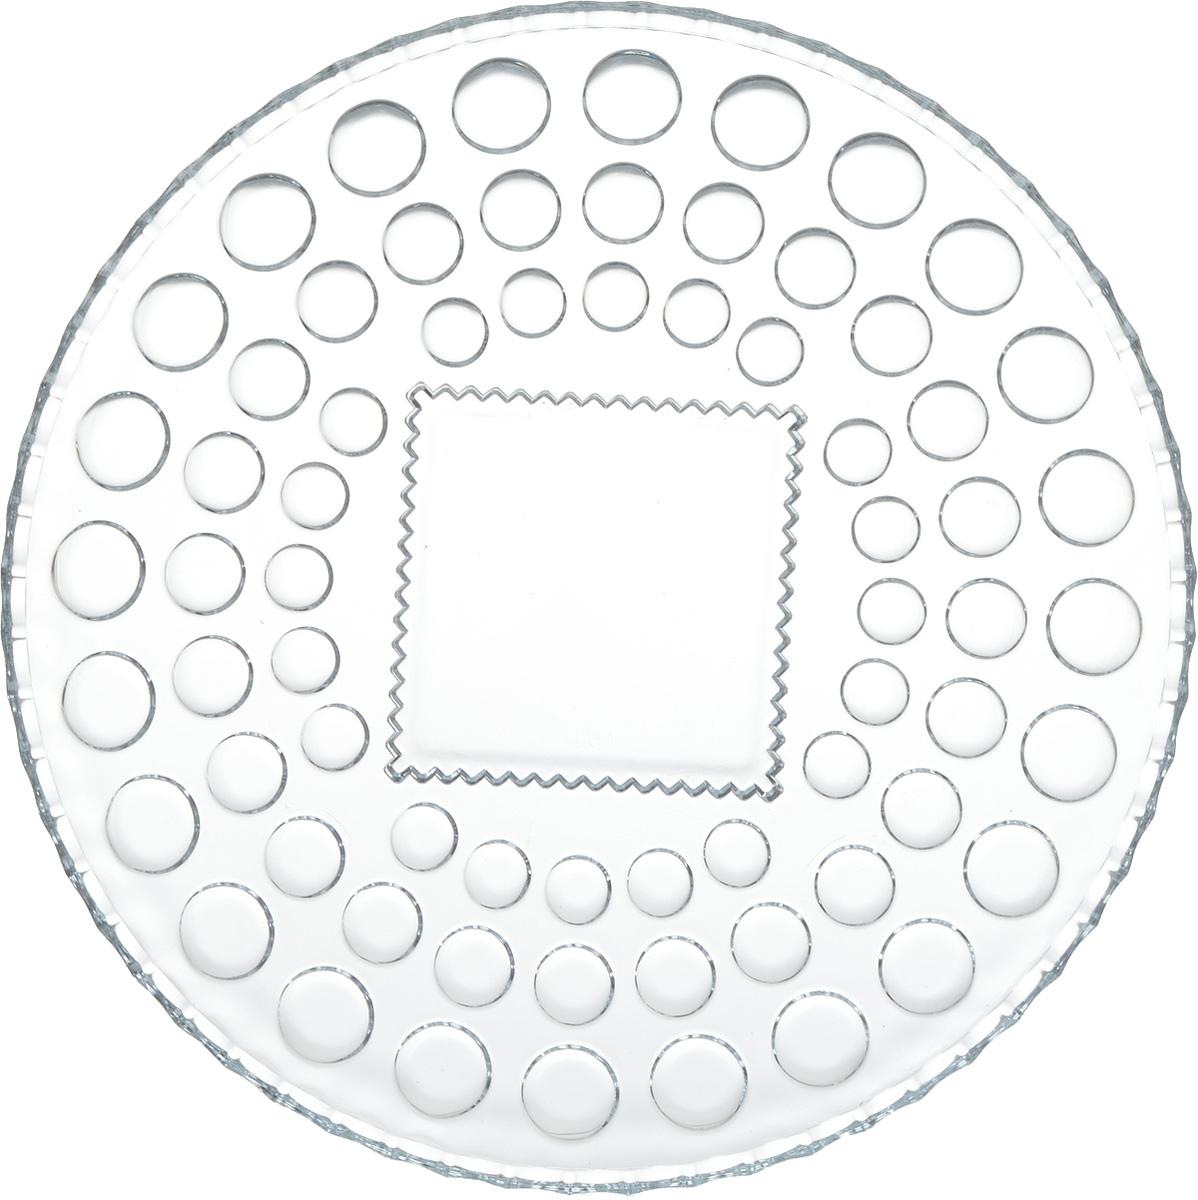 """Блюдо на ножке Isfahan """"Semiramis"""", выполненное из высококачественного стекла, оригинально  украсит праздничный стол и поможет красиво расположить торт или пирог. Блюдо с рифлеными  краями установлено на изящную ножку.  Такое изделие из иранского боросиликатного  стекла - новый тренд на рынке посуды. Оно легче хрусталя, но при этом выглядит достаточно  """"хрустально"""": те же грани, узоры, преломление света, блики, прозрачность, плавность краев и  устойчивость дна."""